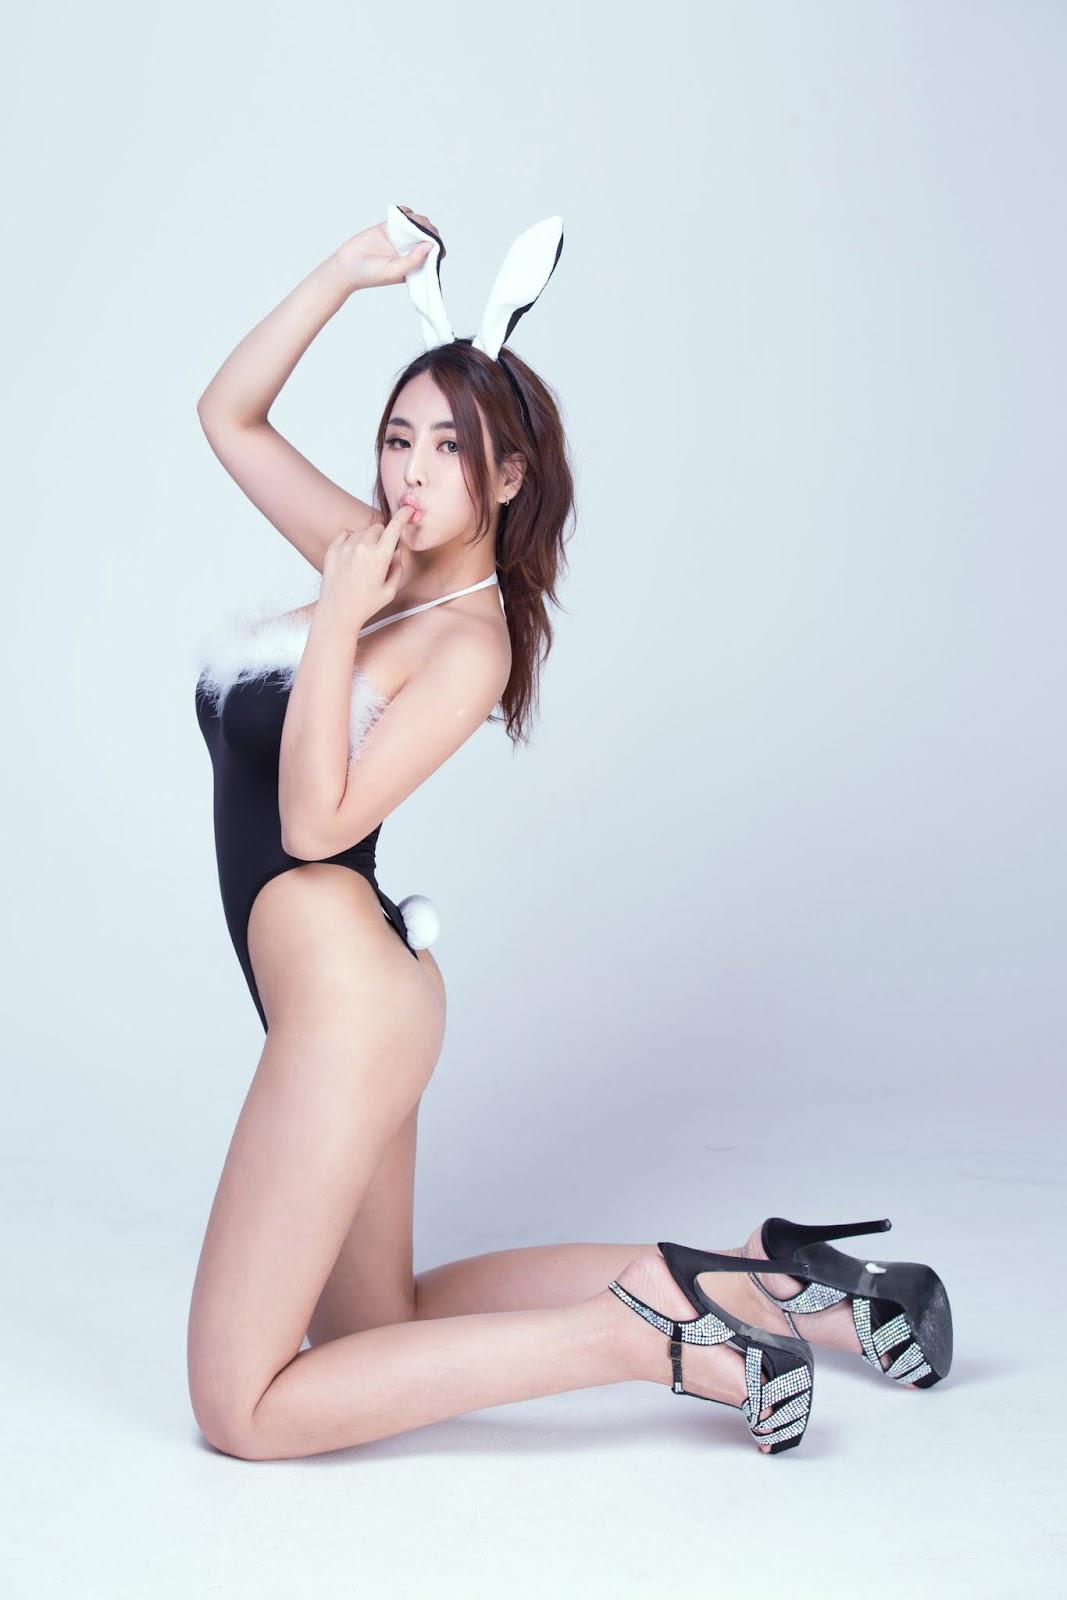 TuiGirl 40 - Sexy Model TUIGIRL NO.17 Nude